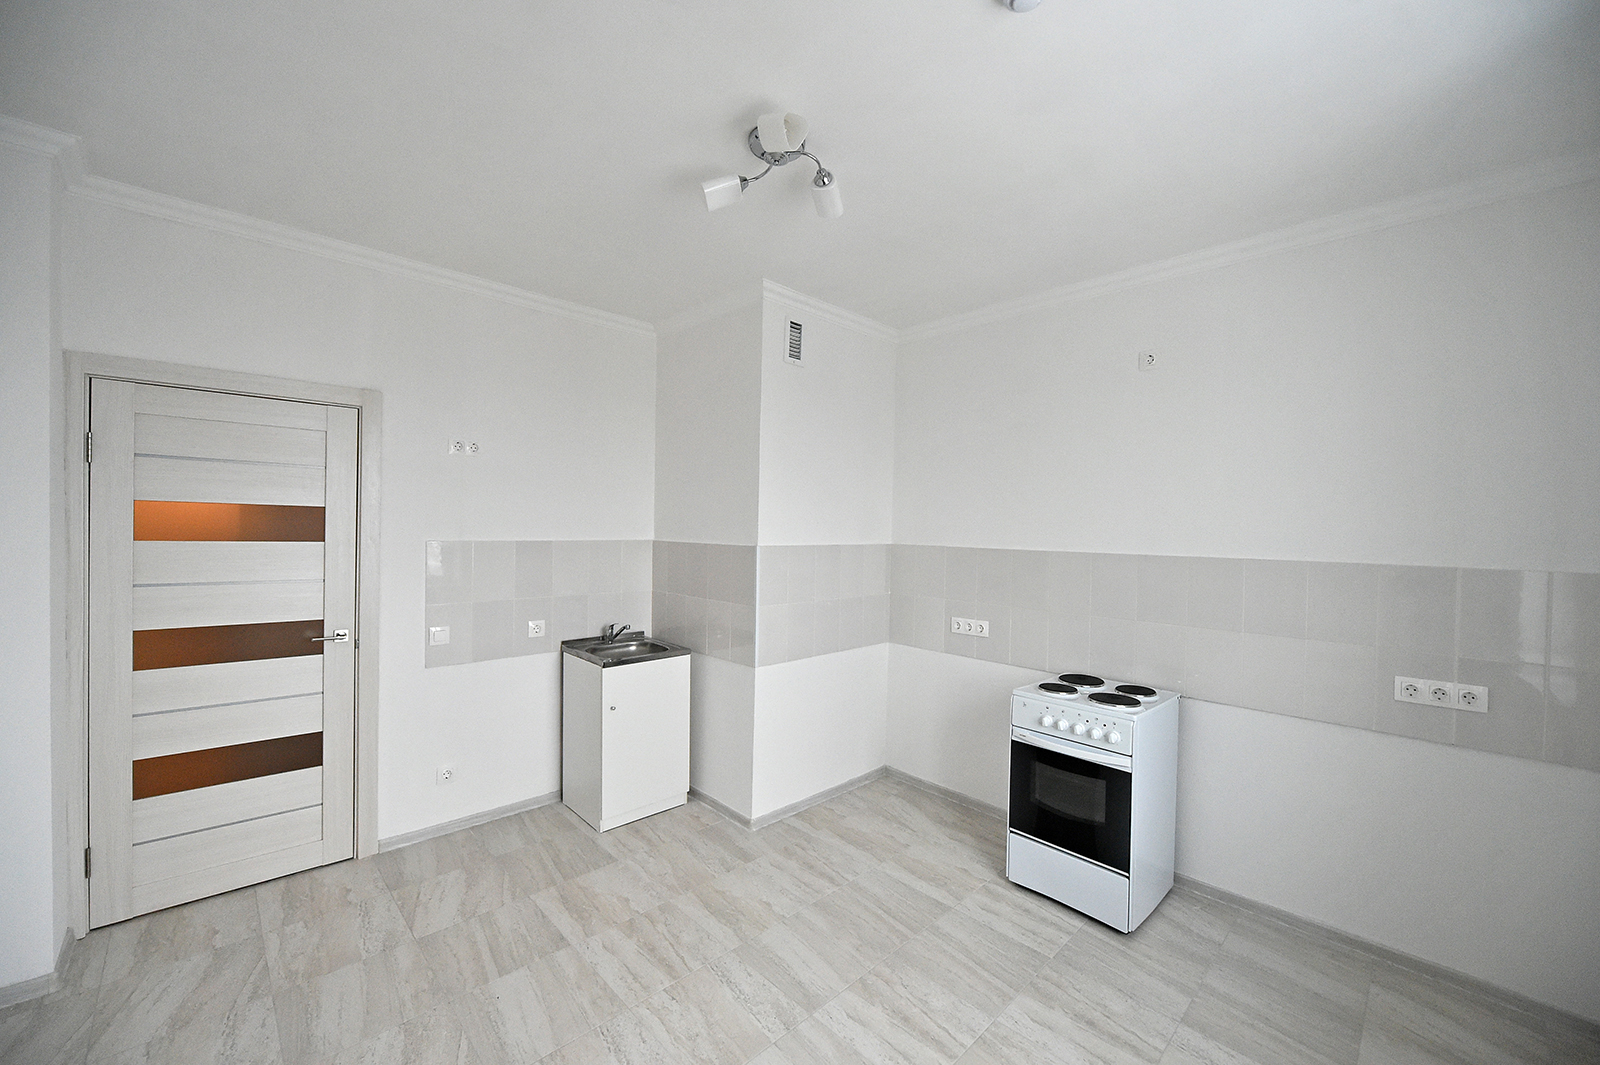 Дом для заселения по программе реновации 5-я Парковая ул., д. 62 Б